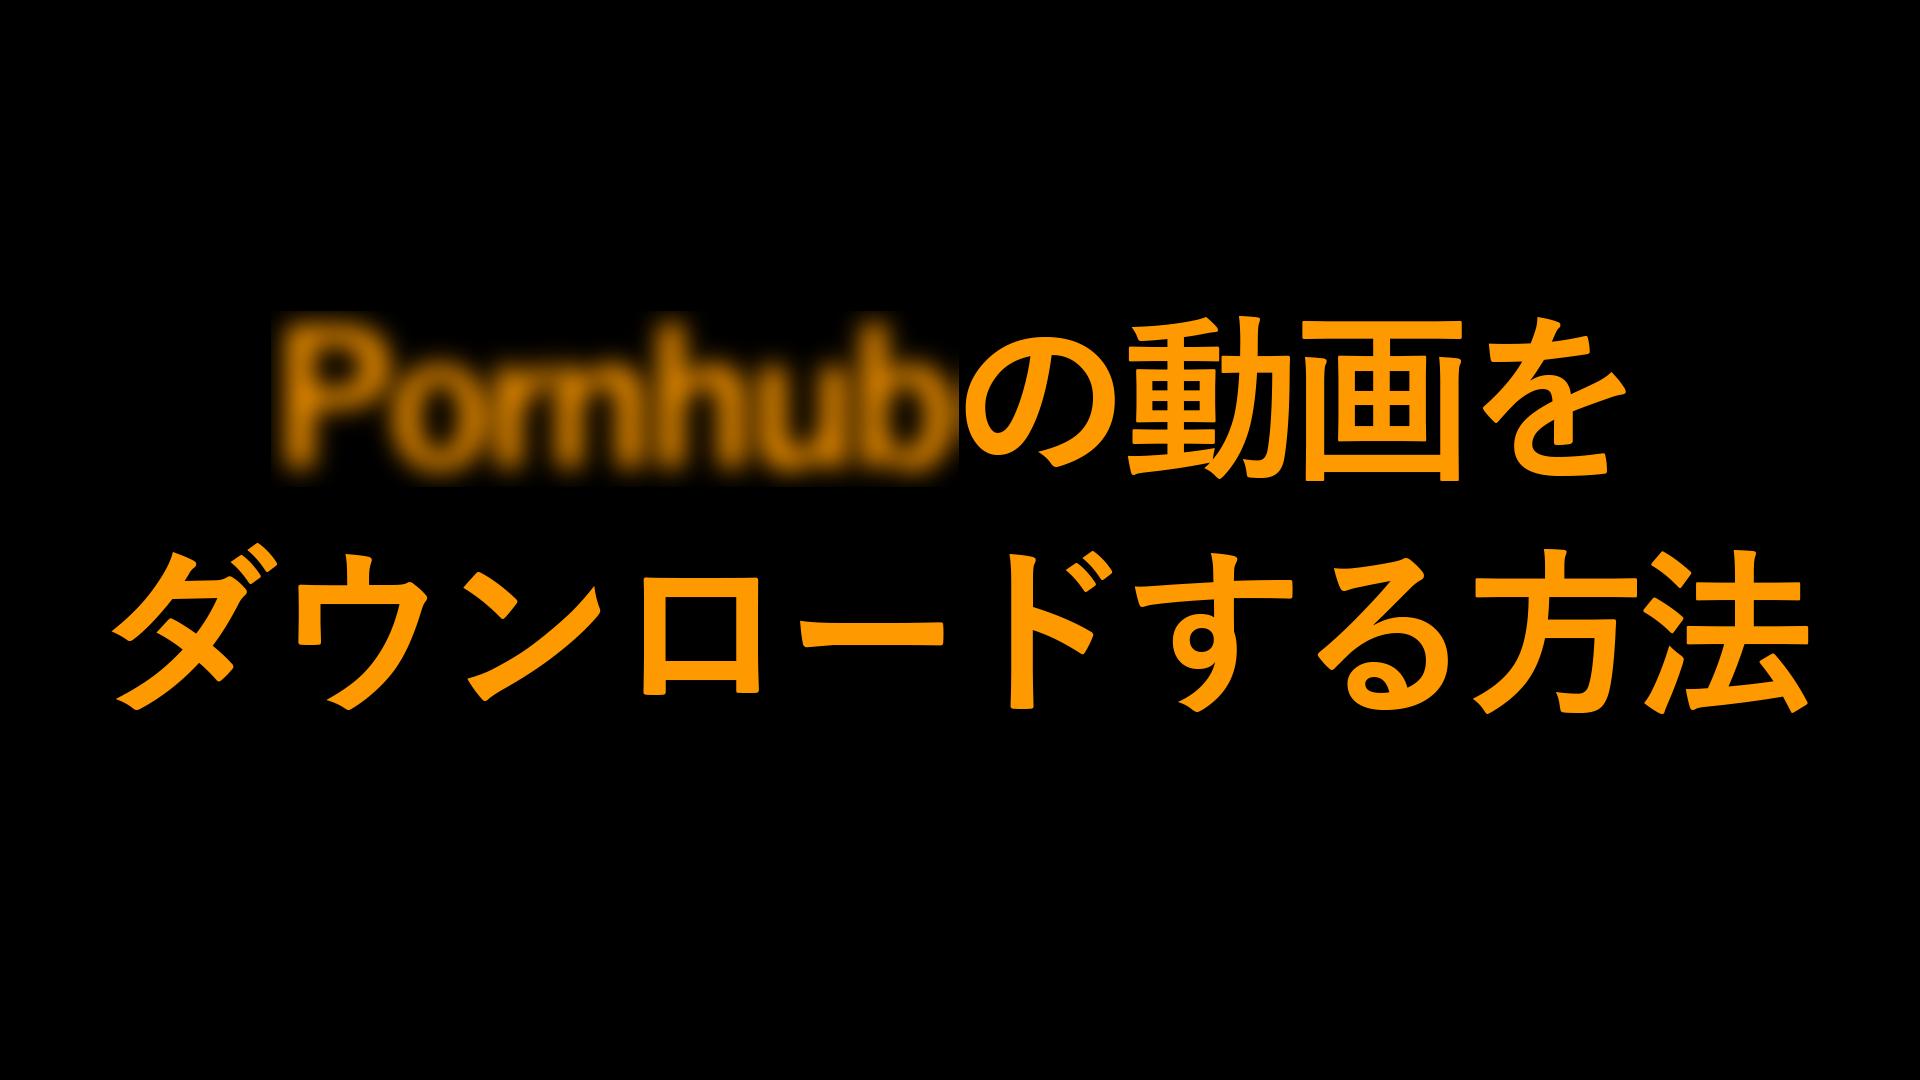 ph thumbnail - 【2021年8月】PornhubをPCでダウンロードする方法